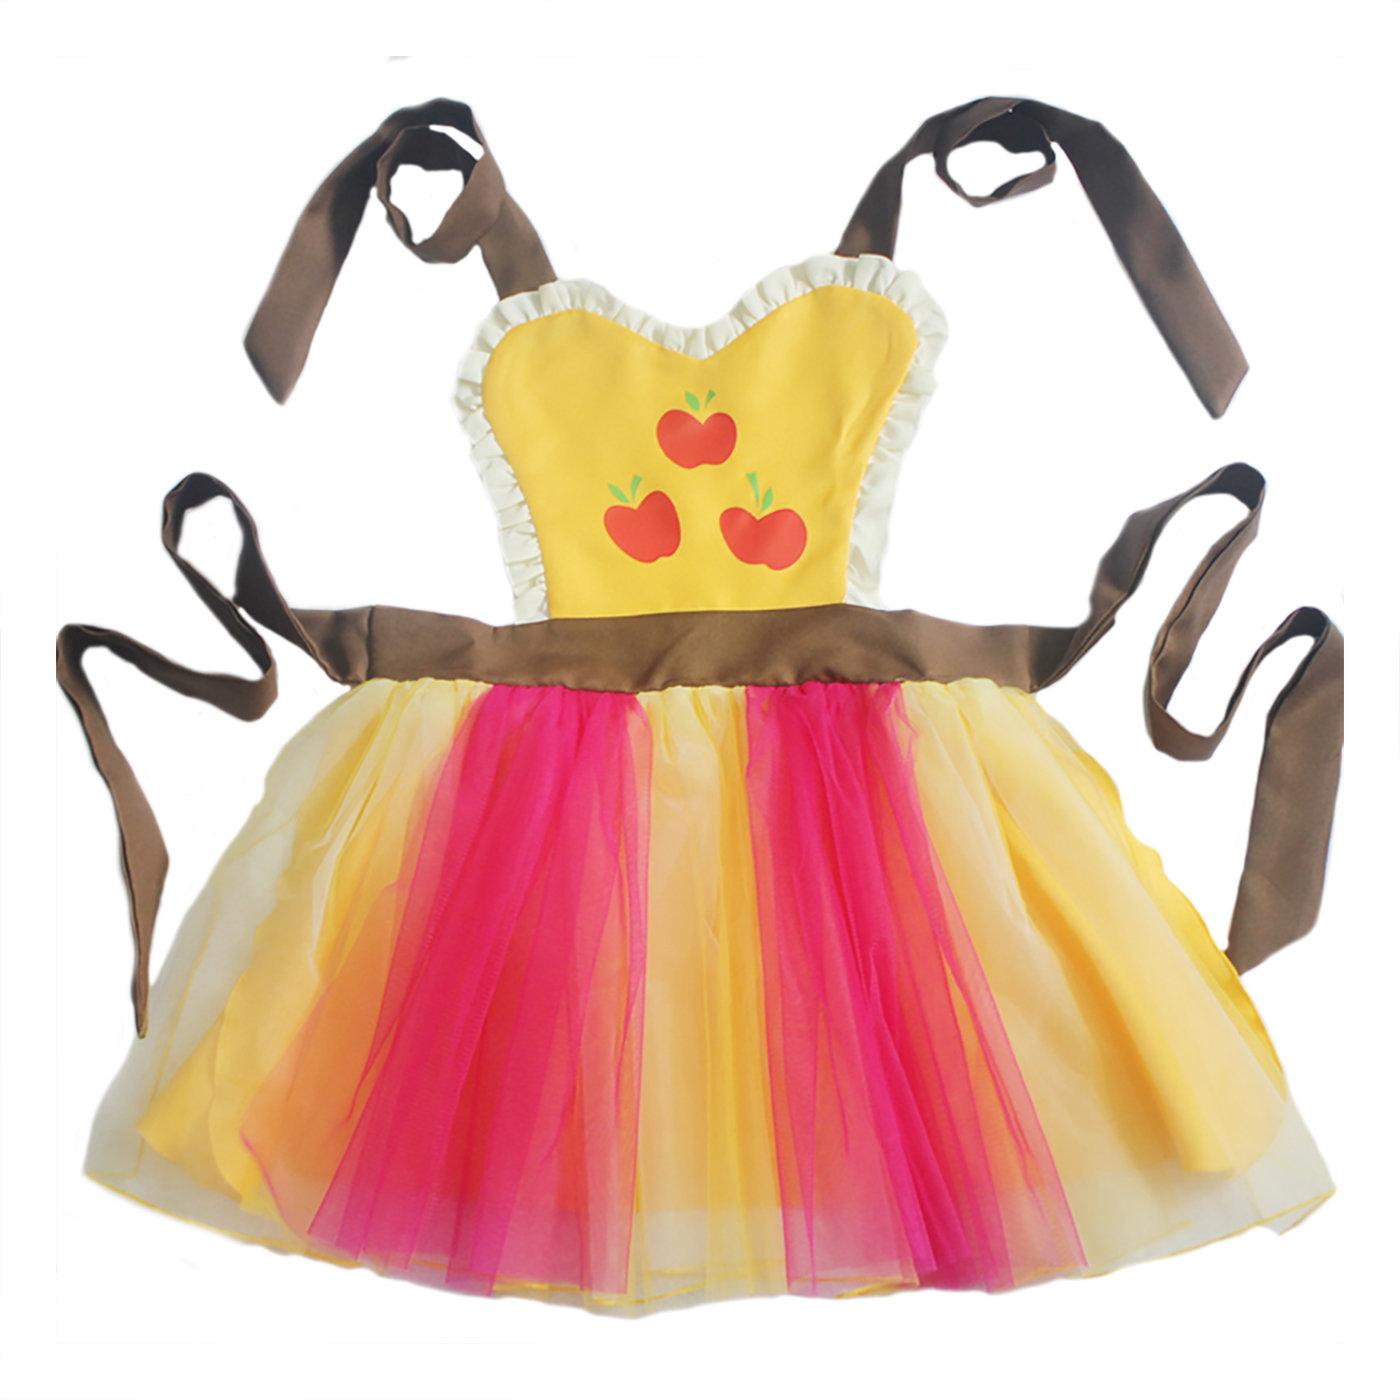 Apple Jack Tutu Apron Dress 00048